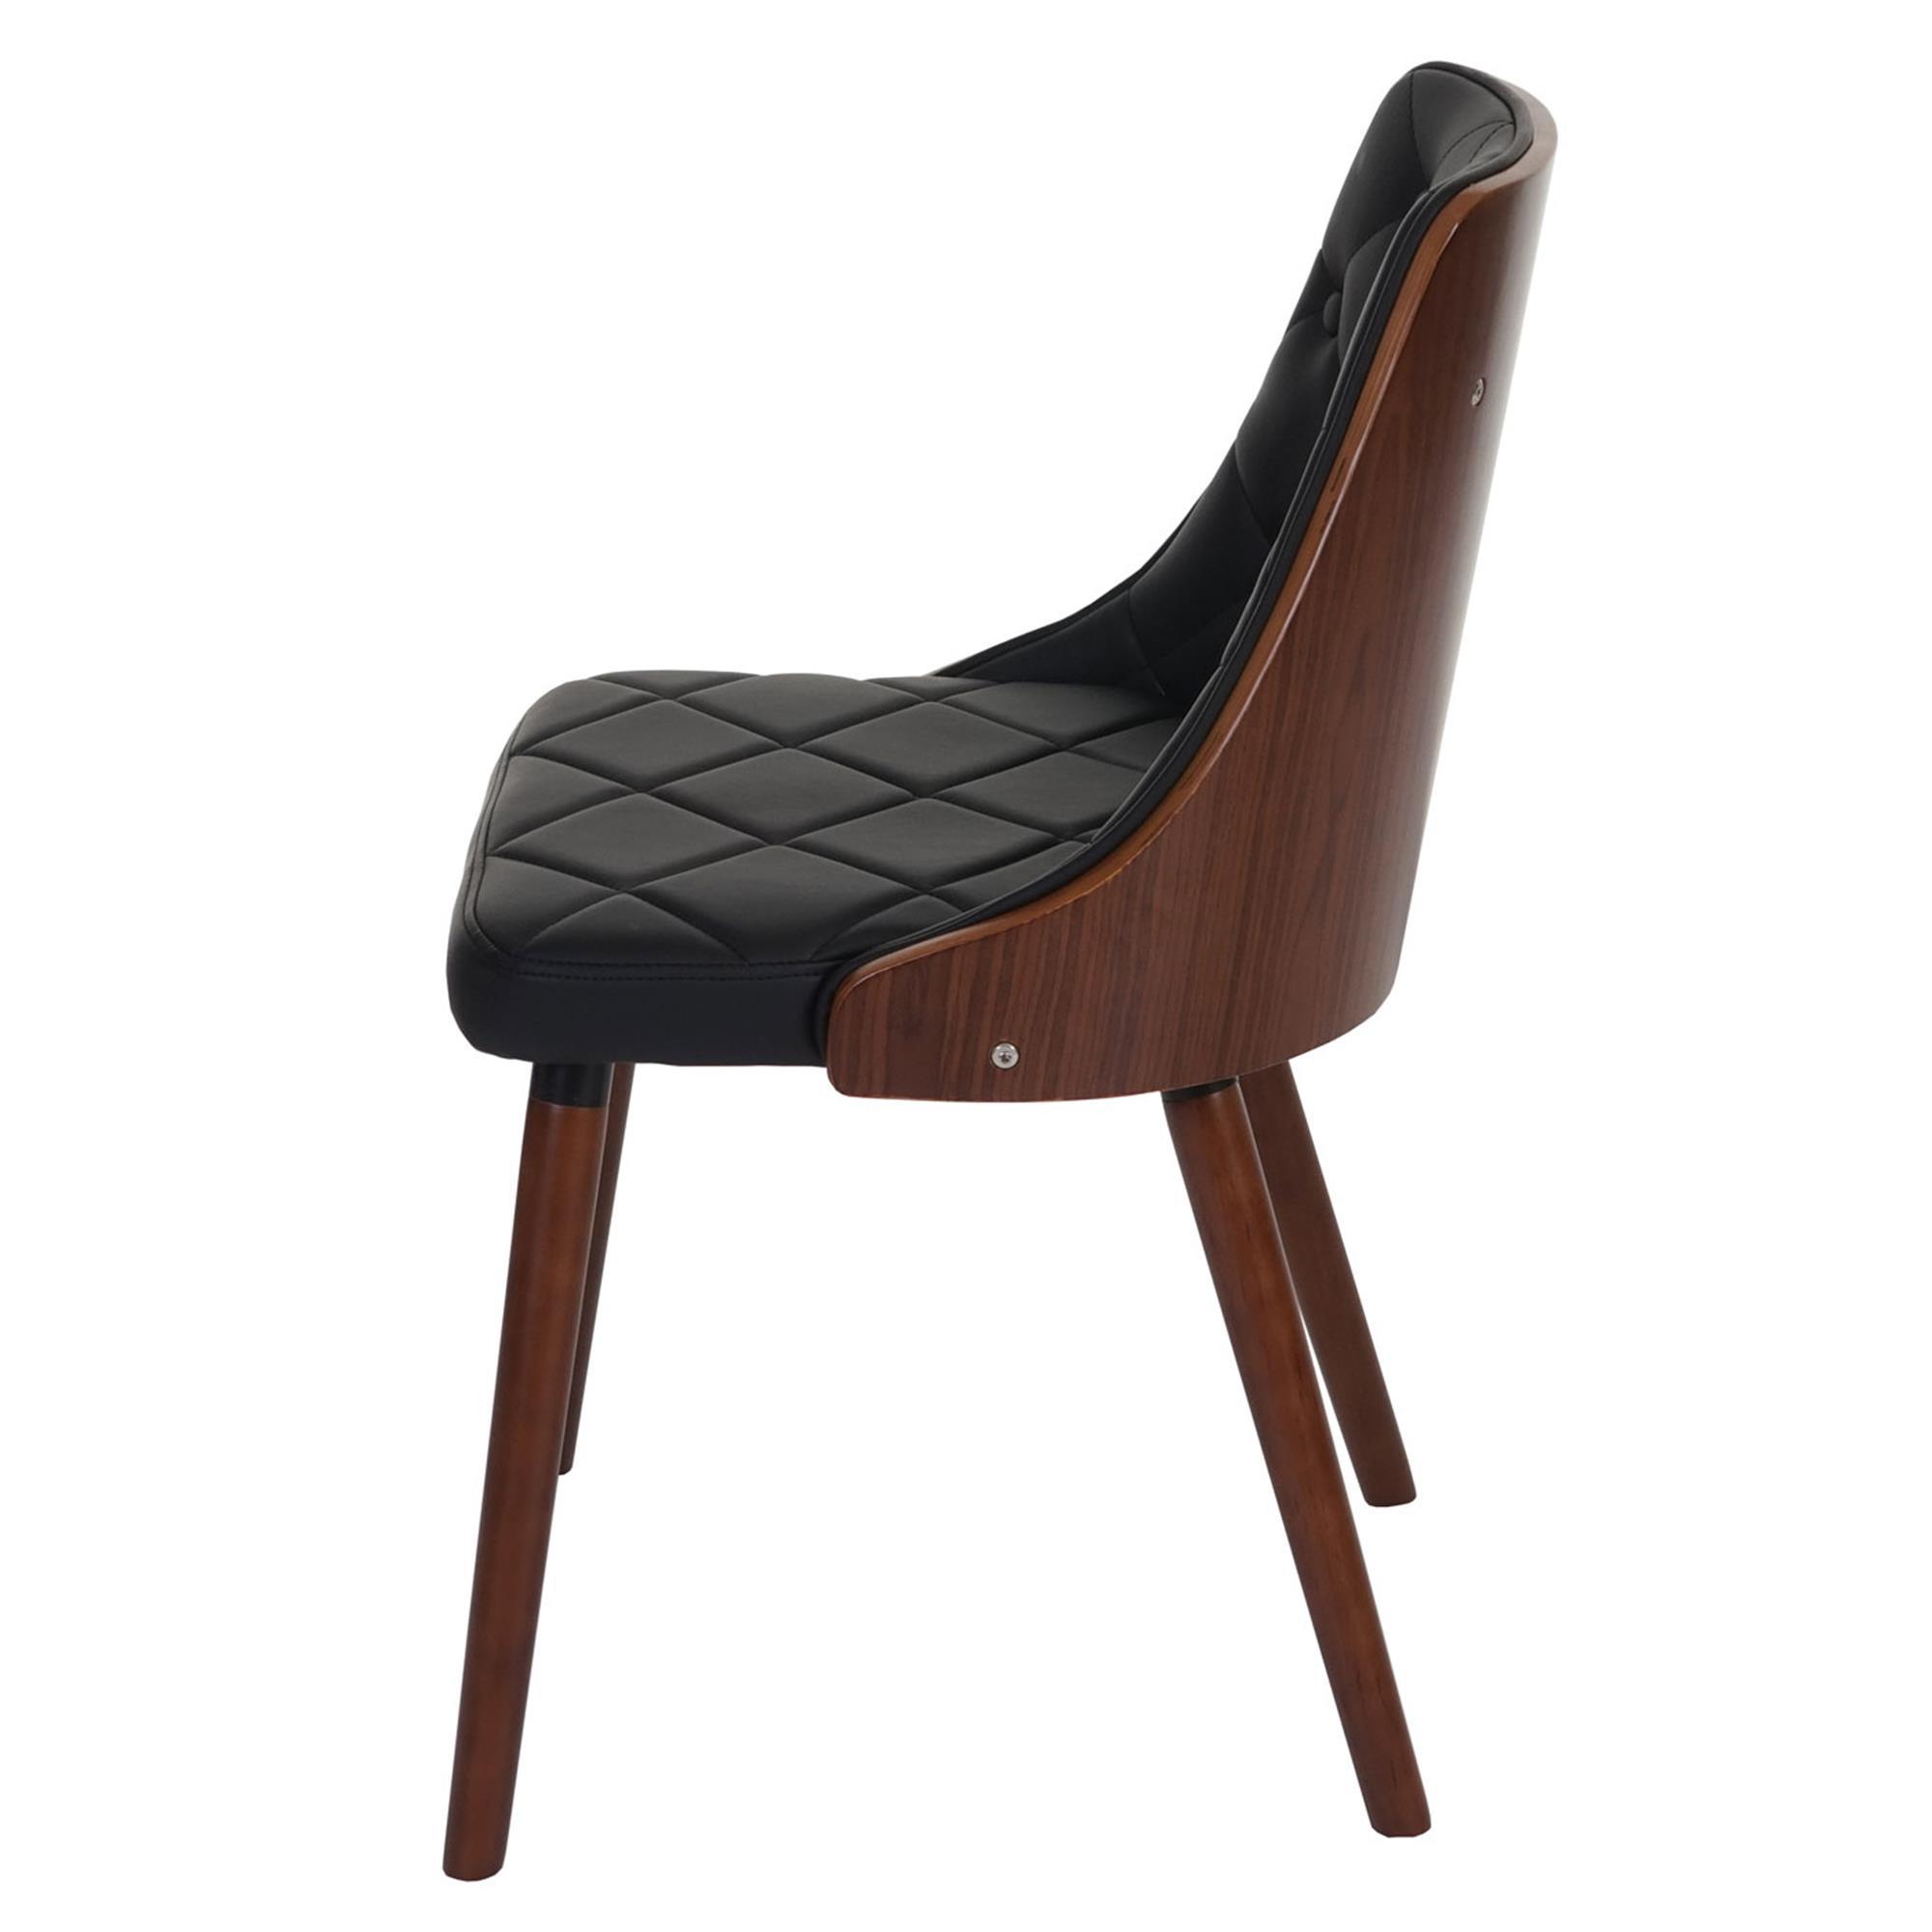 Lote 2 sillas de comedor baley en piel negro conjunto 2 for Sillas negras de madera